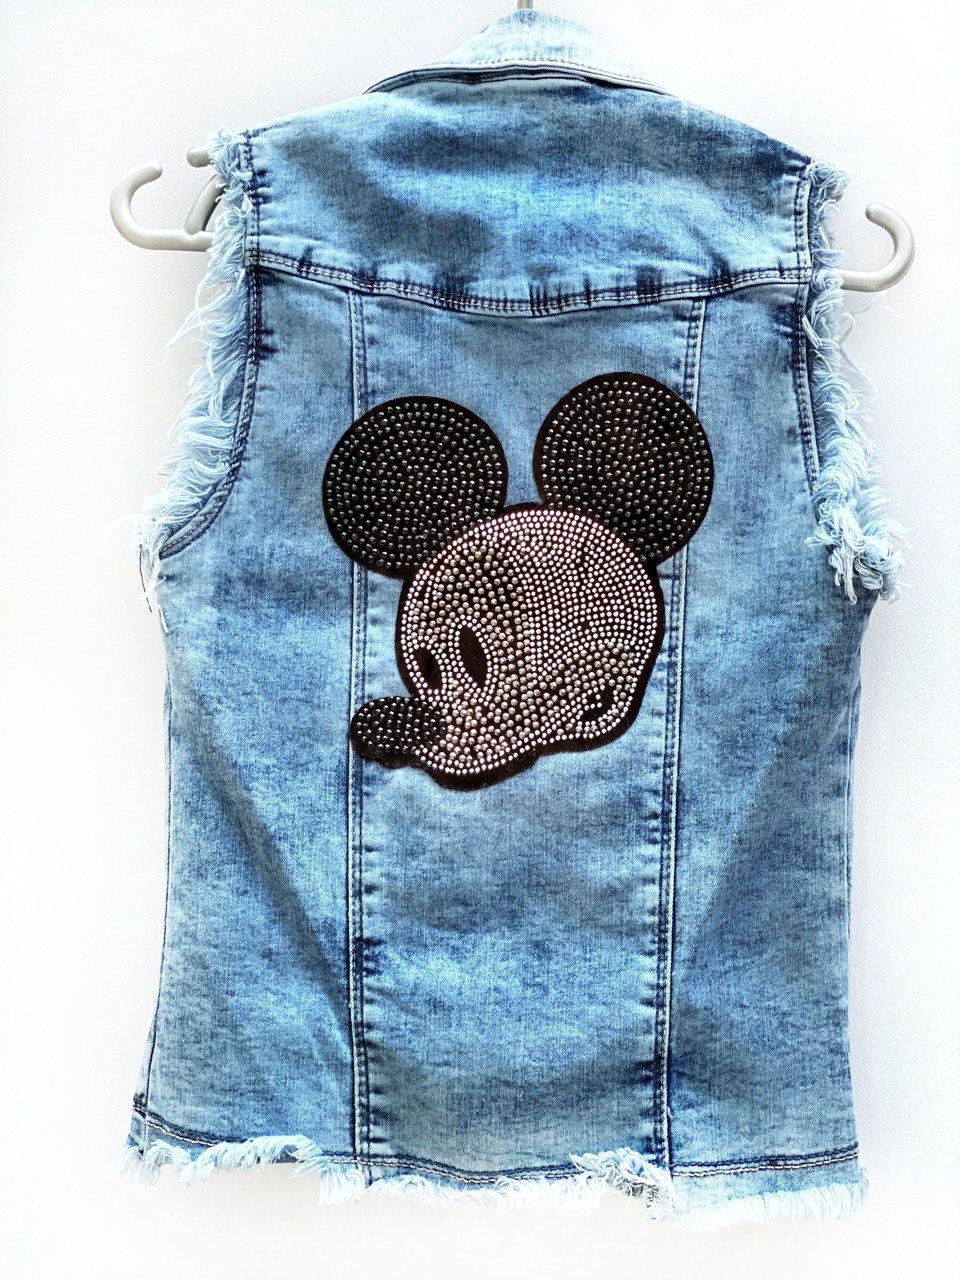 Жилет джинсовий для дівчинки, розмір 6 років